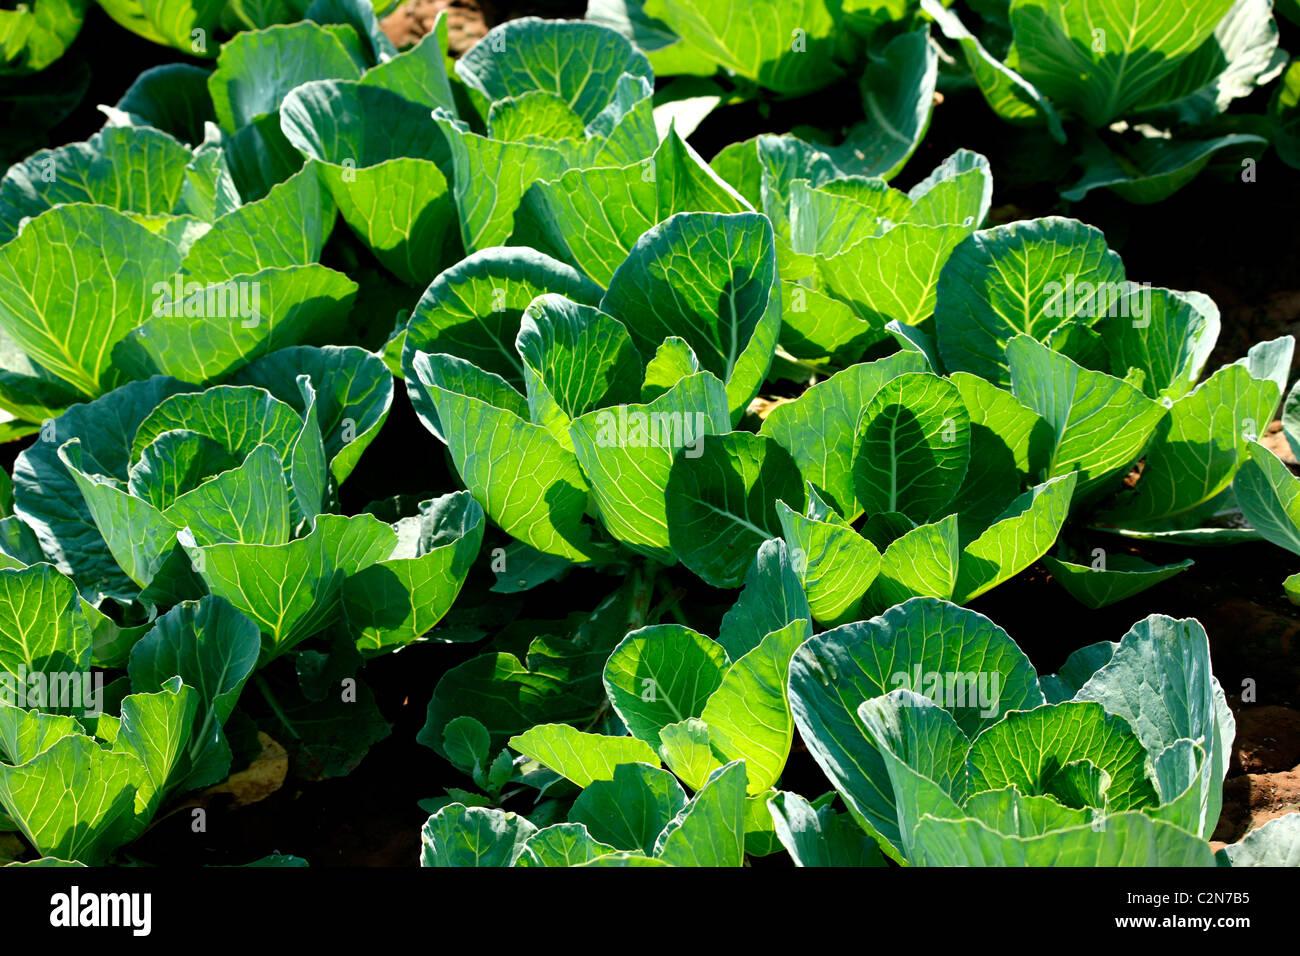 Cauliflower cultivation-kitchen garden - Stock Image